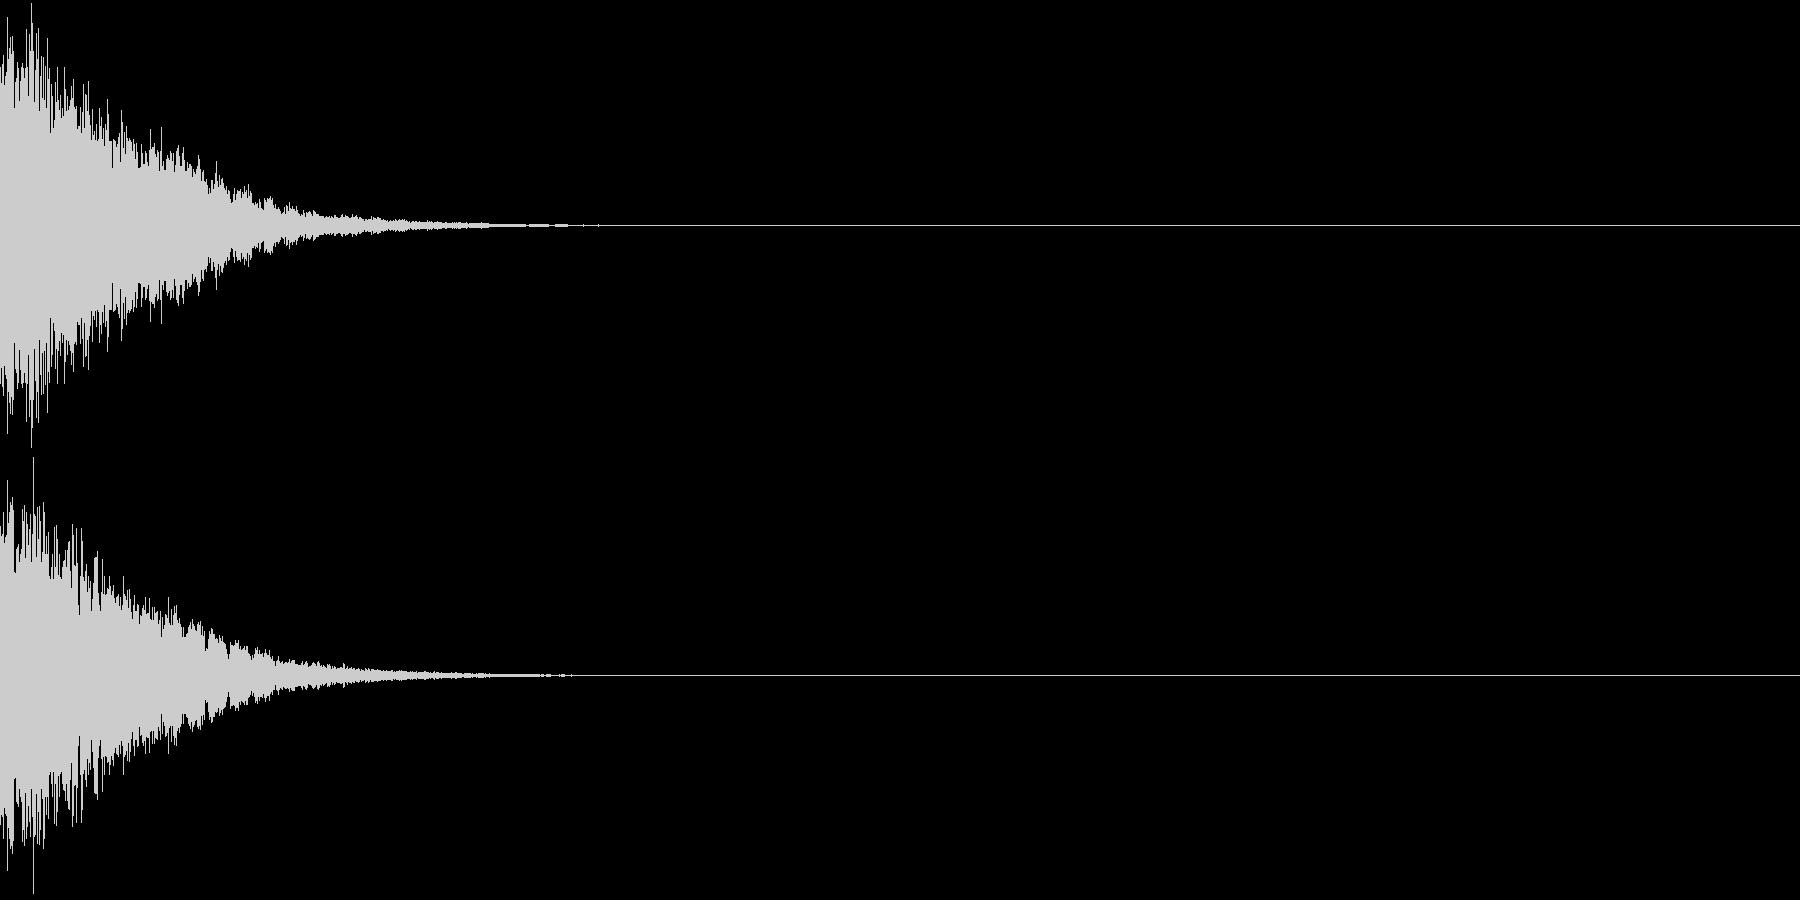 刀 剣 カキーン シャキーン 目立つ08の未再生の波形